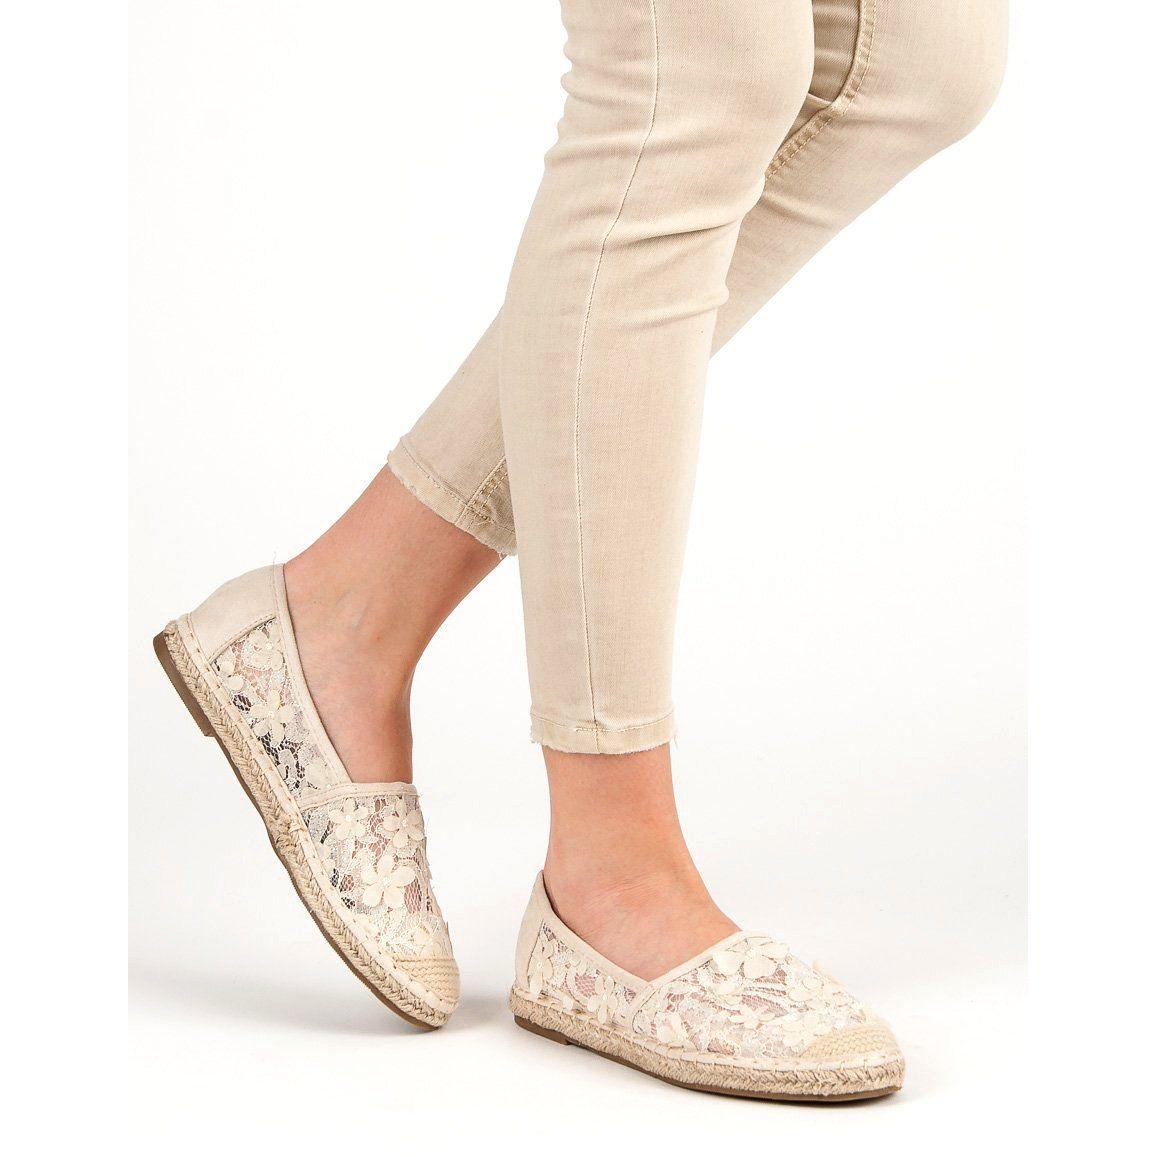 Nio Nio Koronkowe Espadryle W Kwiaty Brazowe Shoes Mule Shoe Slippers